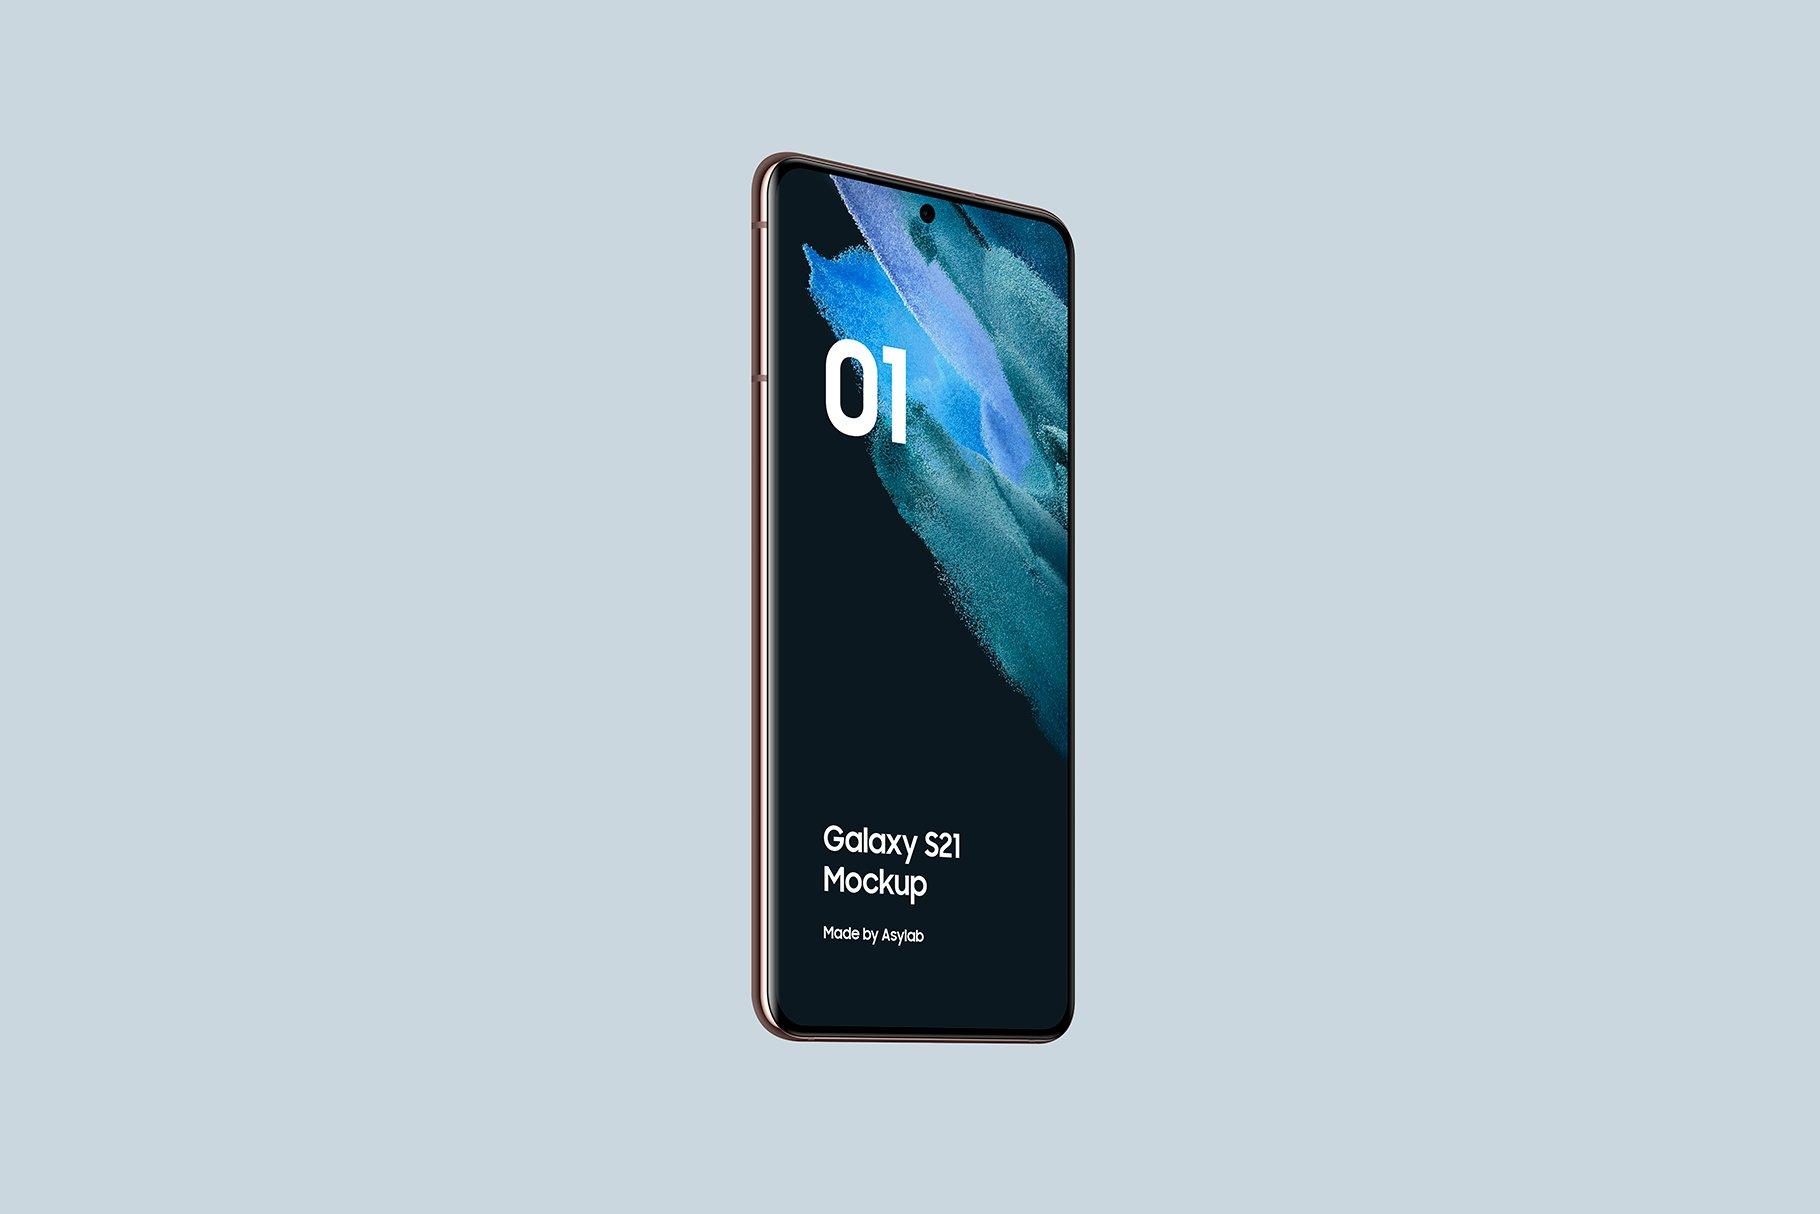 [单独购买] 20款三星Galaxy S21手机网站APP界面设计演示样机模板套件 Galaxy S21 – 20 Mockups Scenes插图36